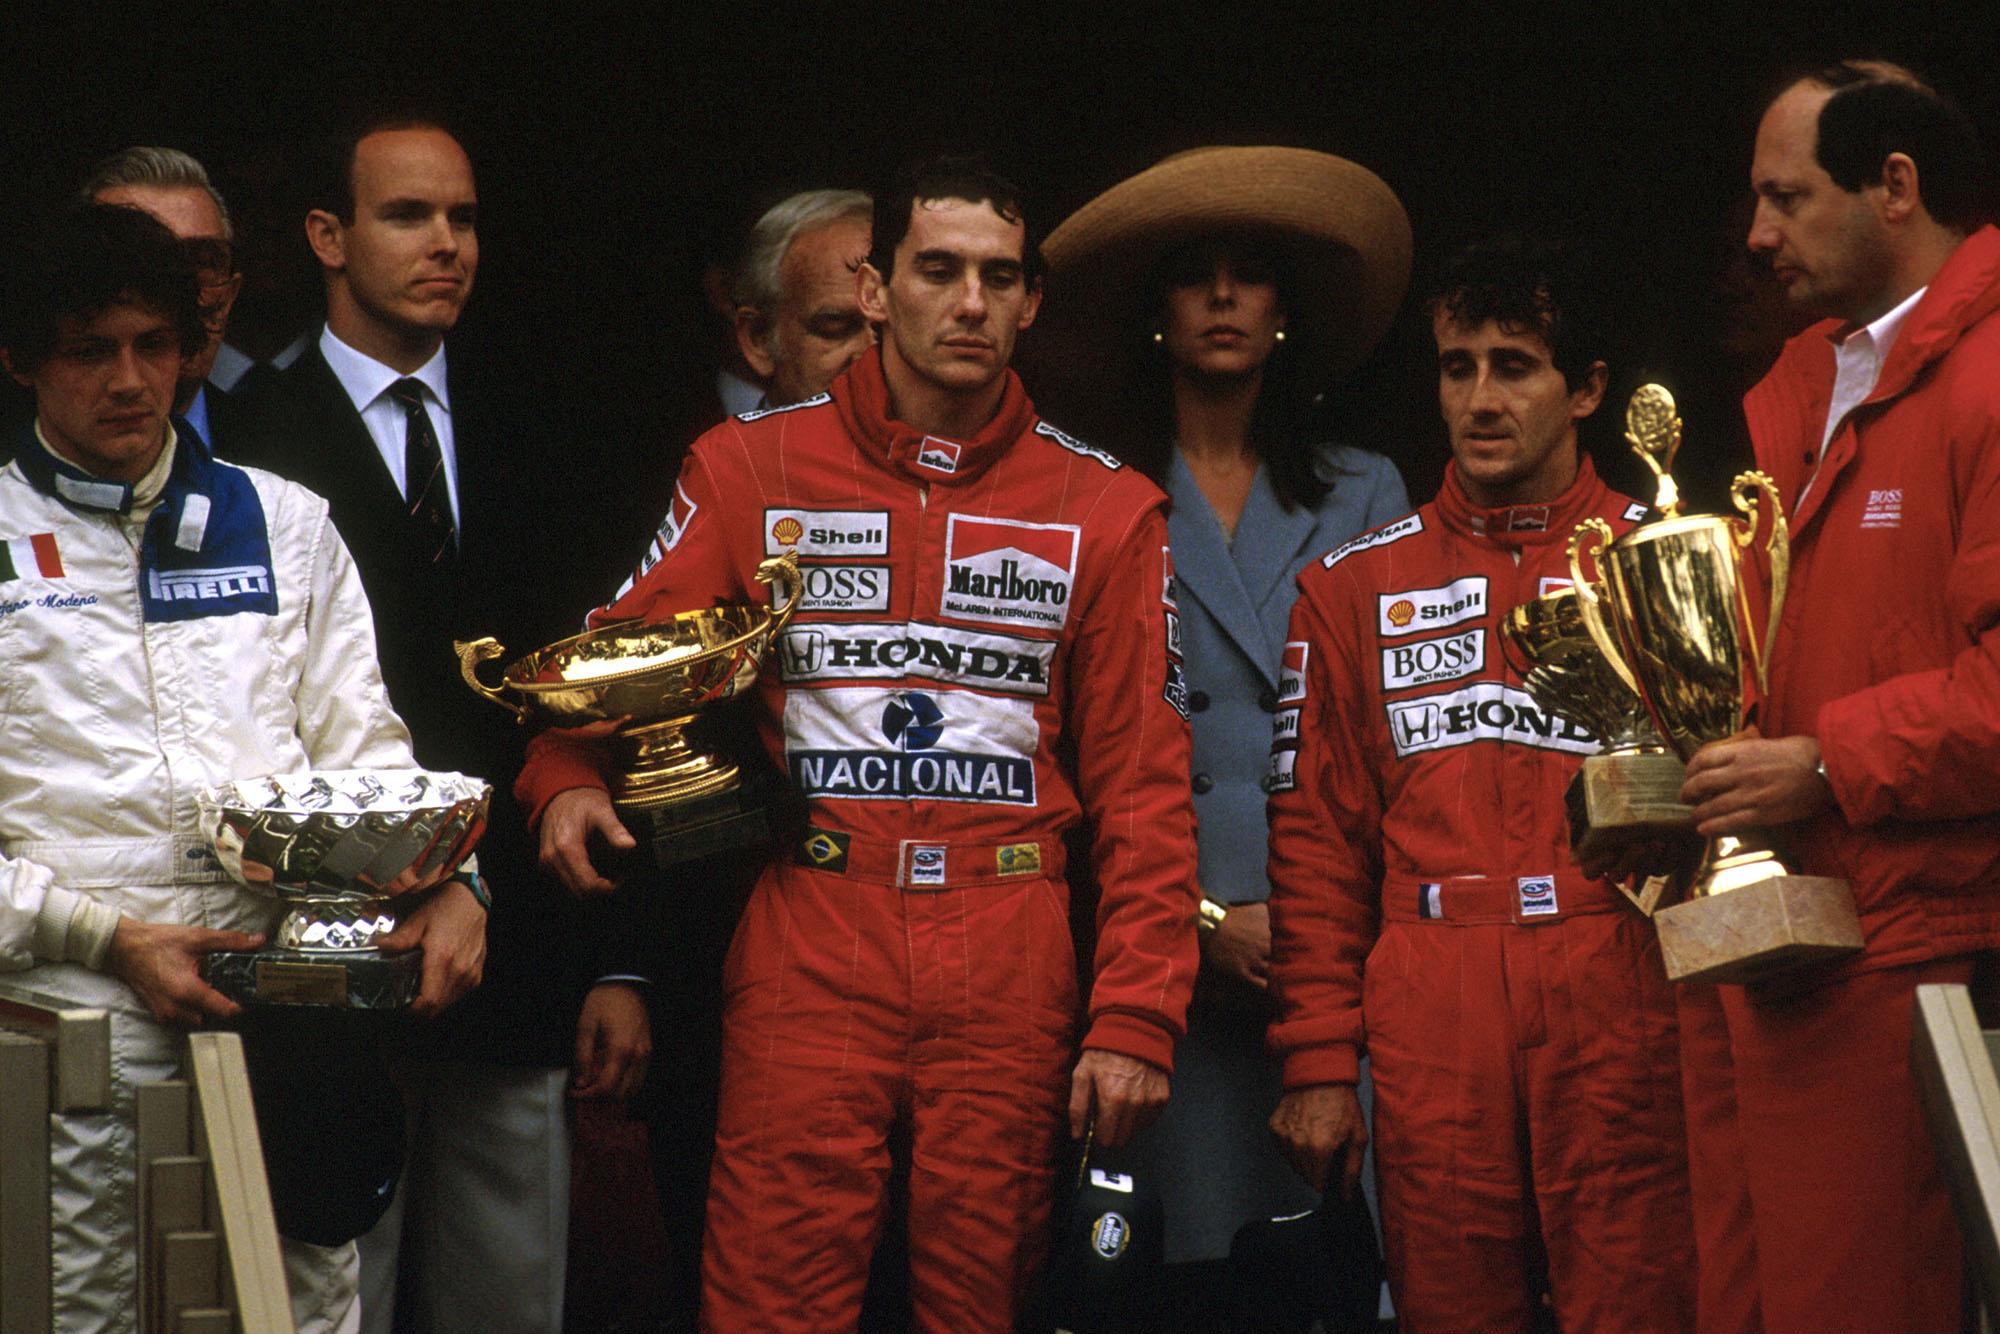 1989 Monaco GP podium